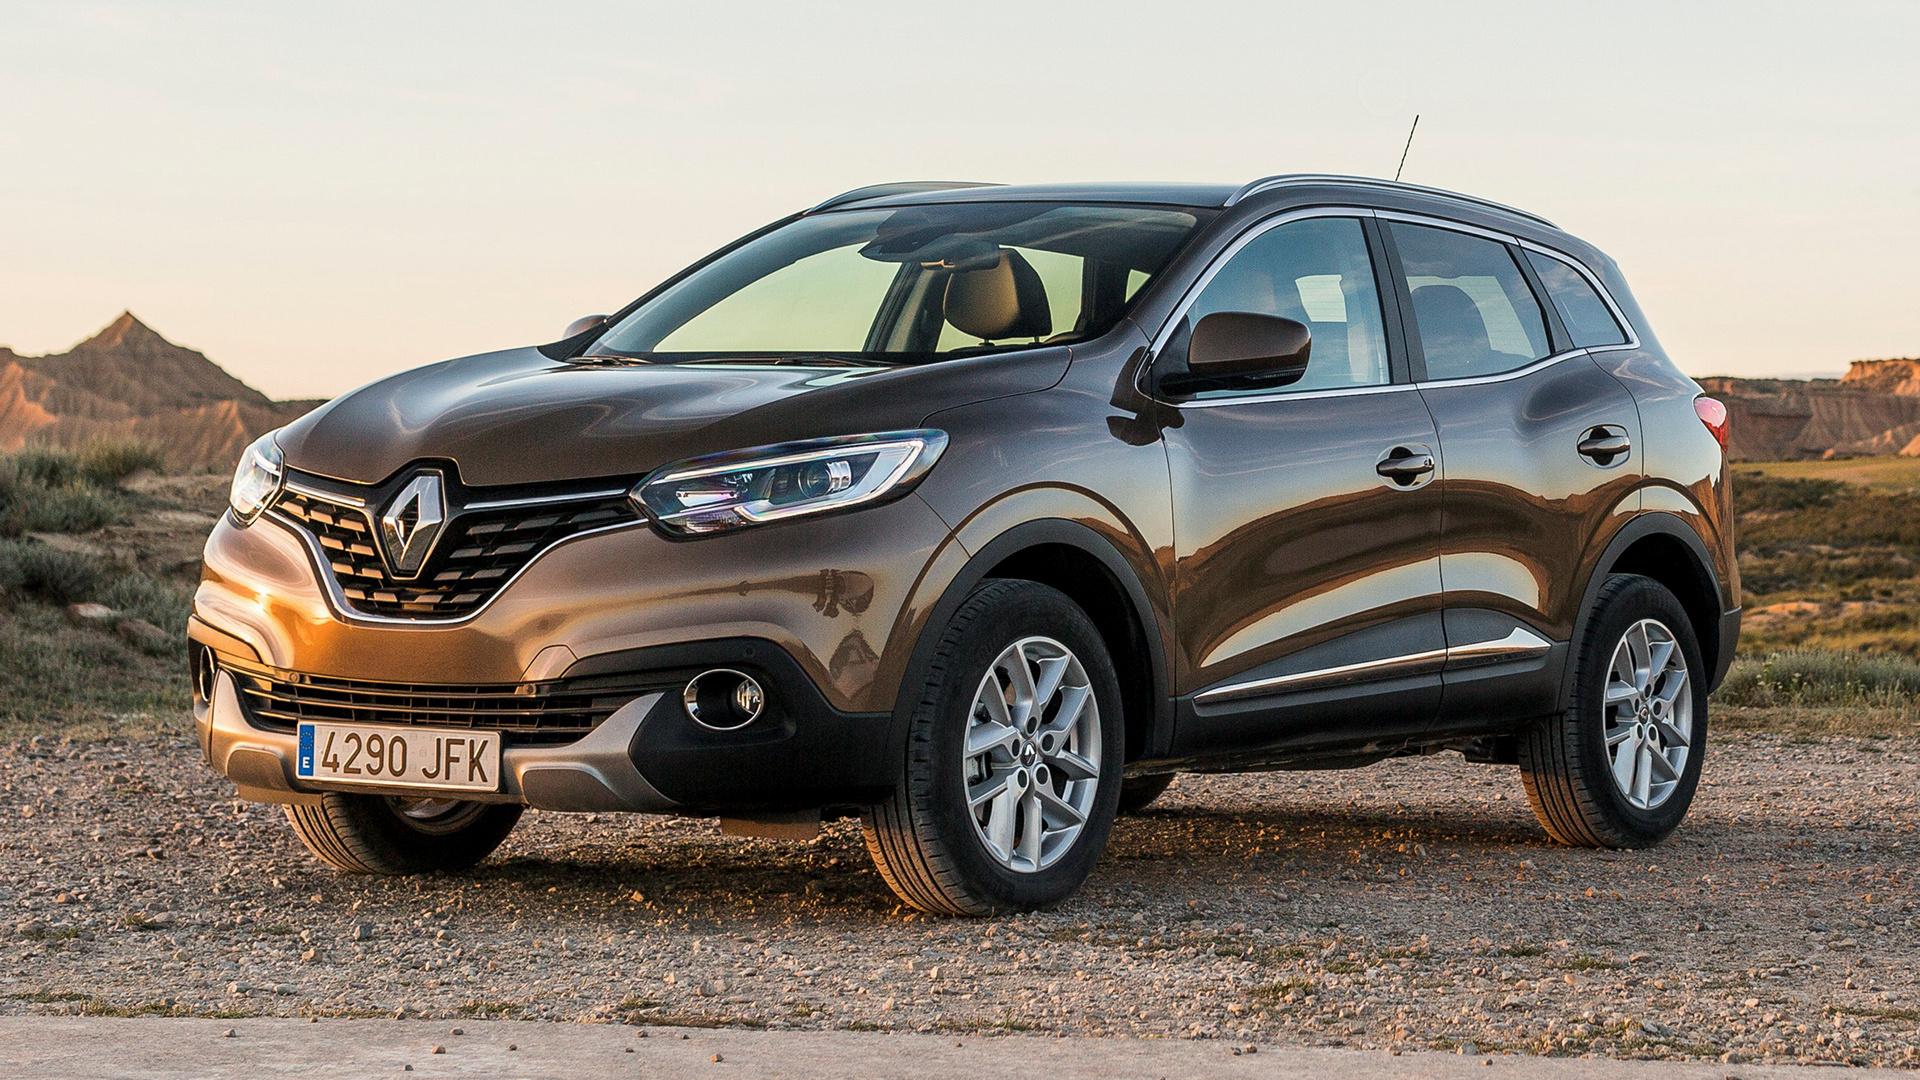 Renault Kadjar X Mod 2015 Wallpapers And HD Images Car